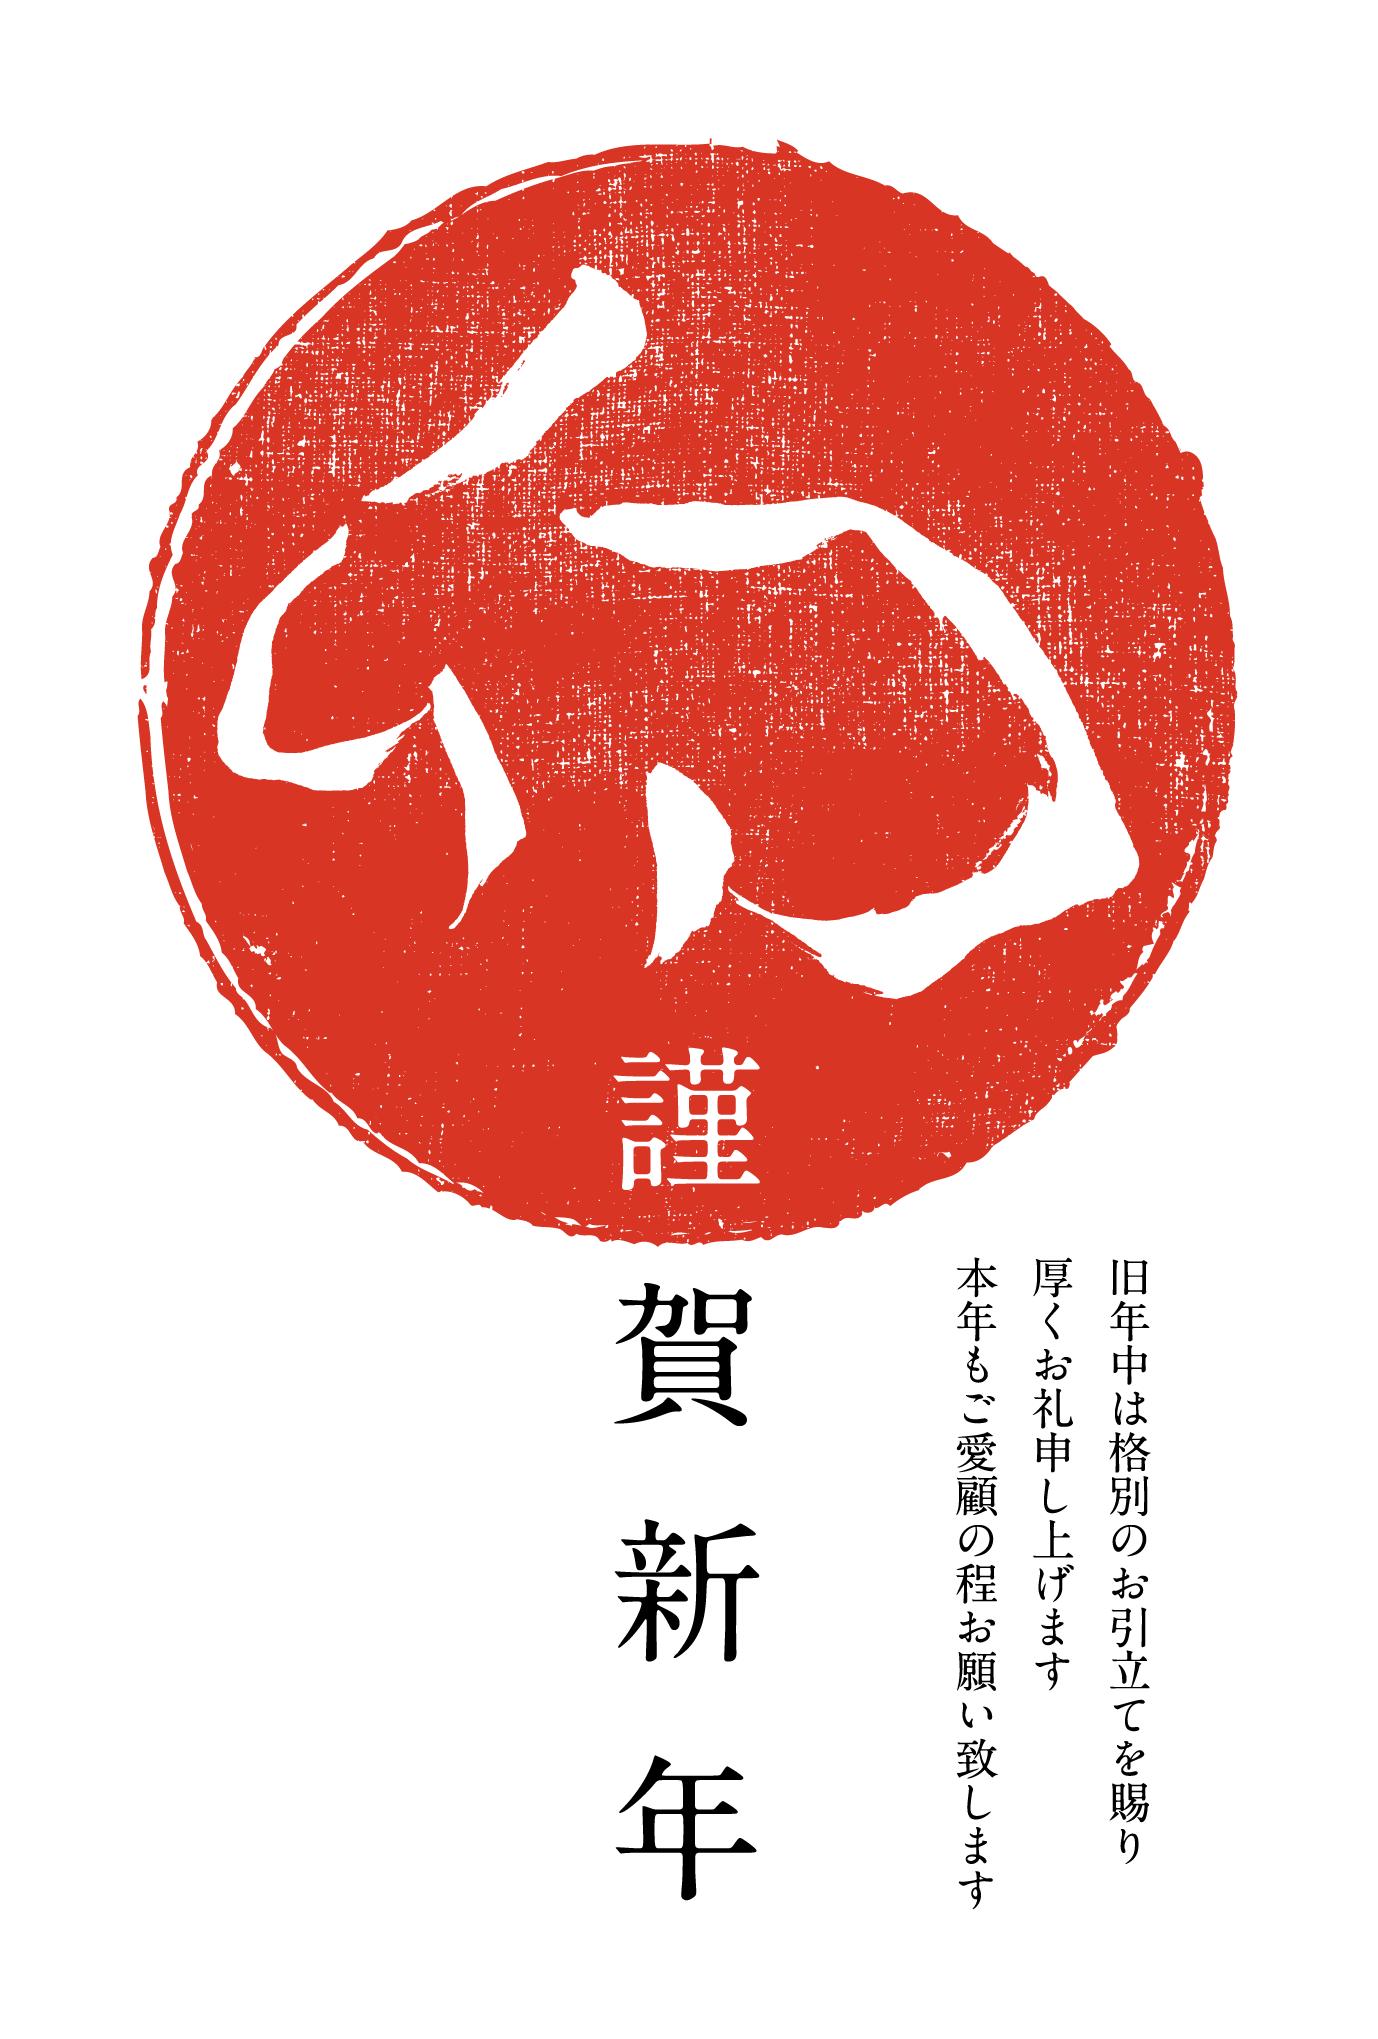 2011年賀状19:卯 Calligraphy / 2のダウンロード画像